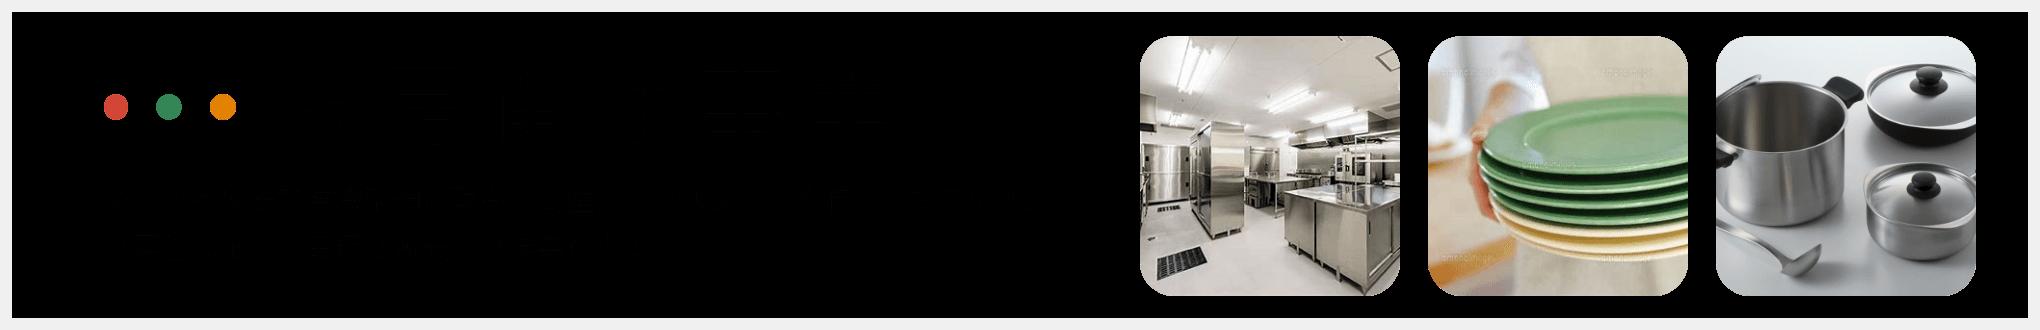 厨房関連事業 あらゆる厨房関連機器の販売・各種コンサルタントを行っております。ご要望に応じて最適な商品を提案します。